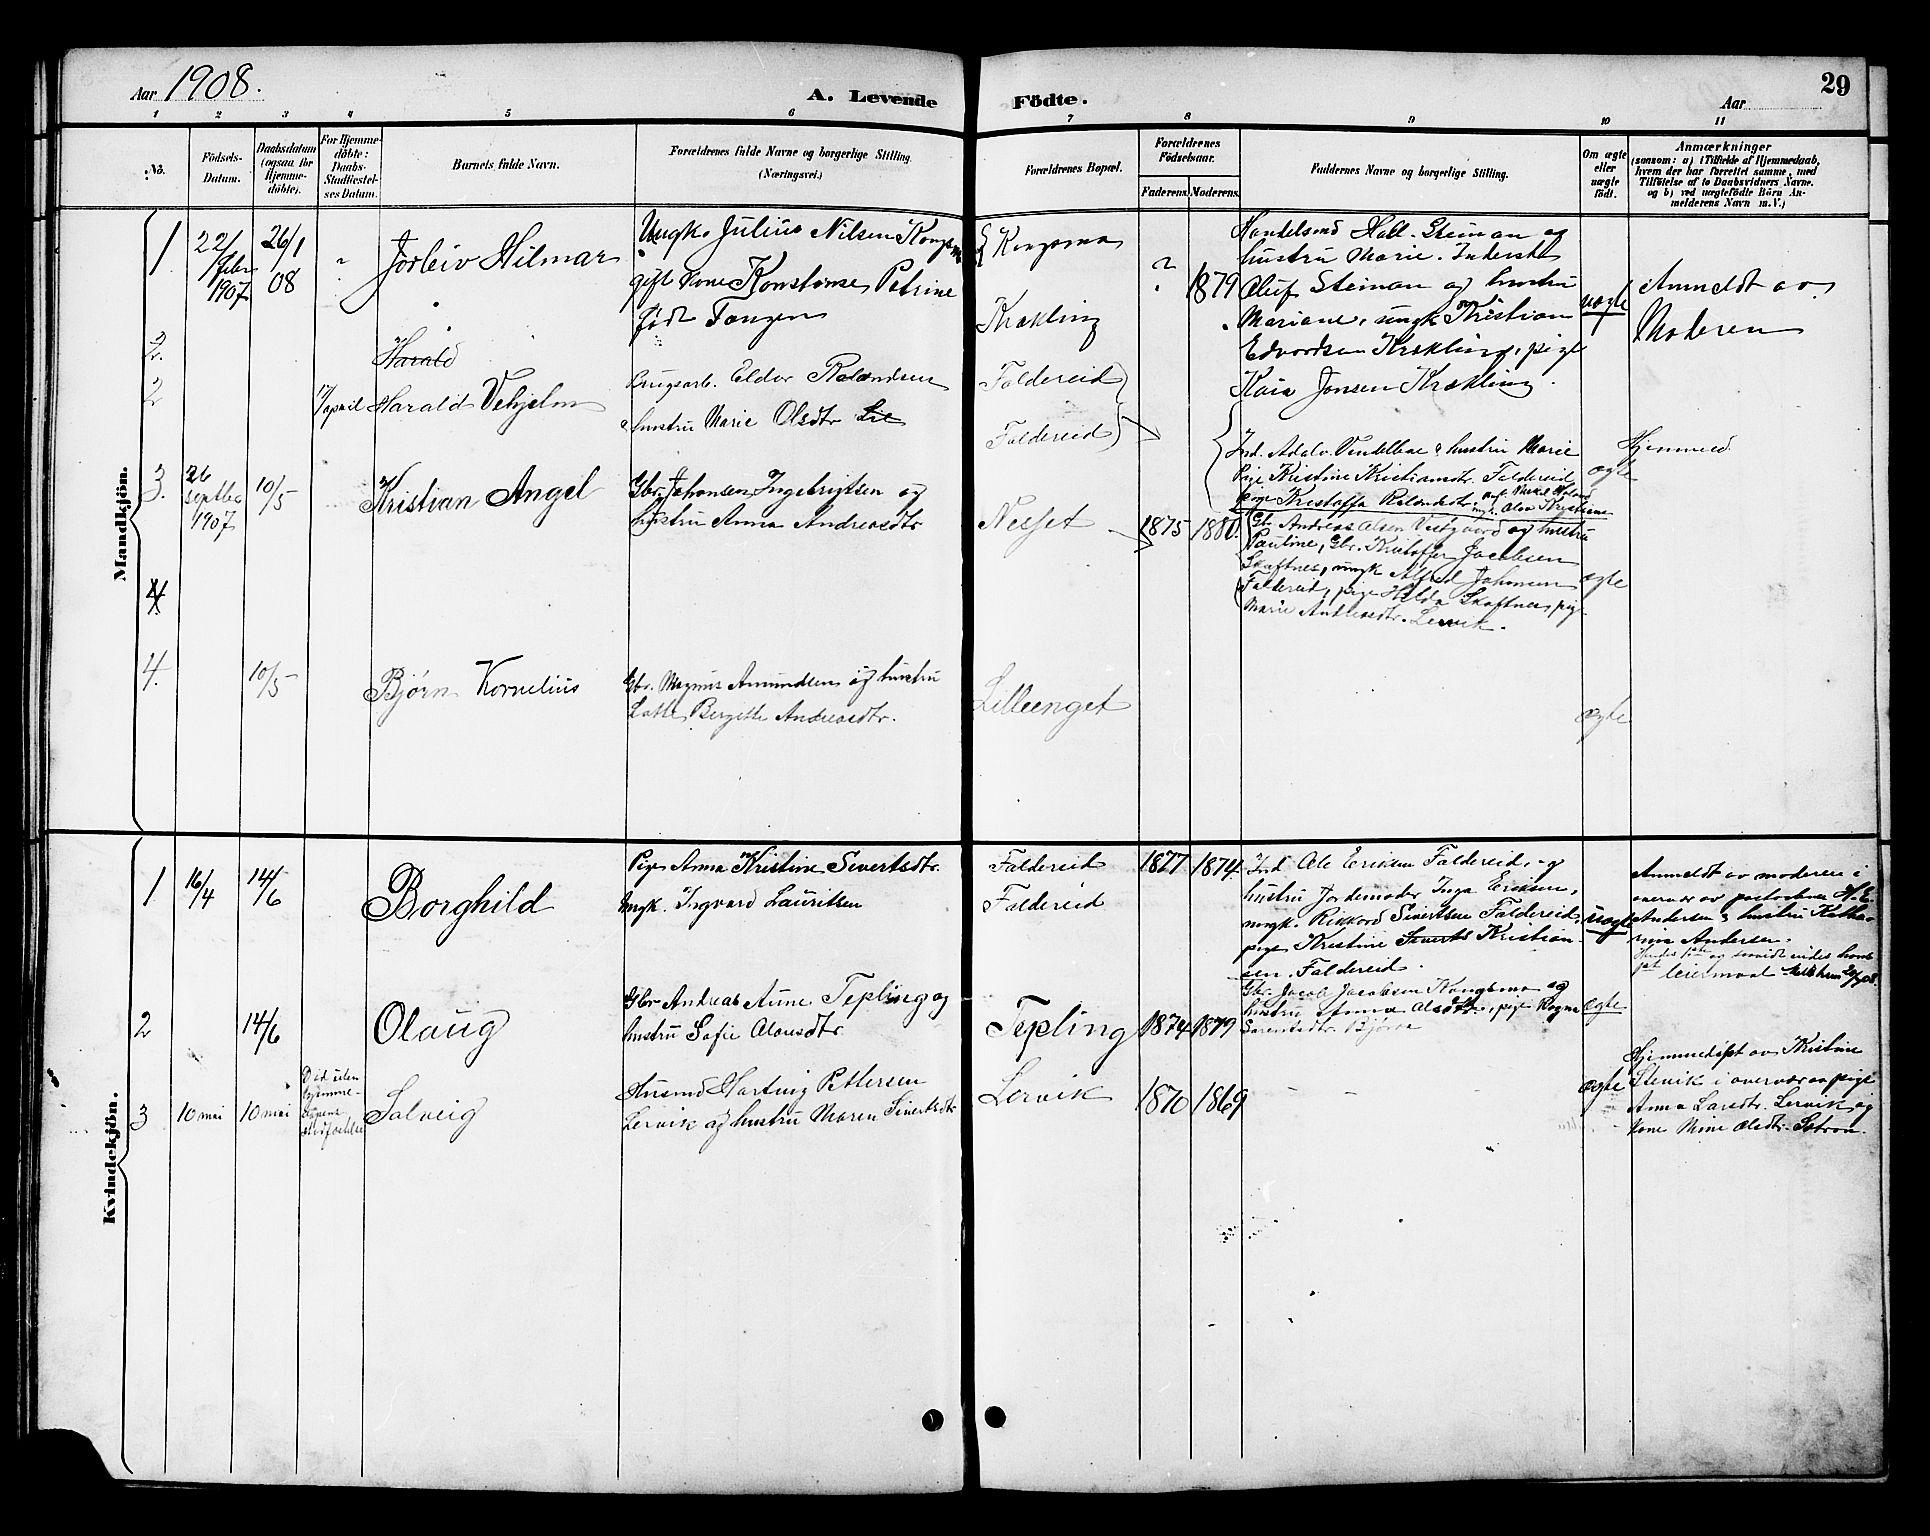 SAT, Ministerialprotokoller, klokkerbøker og fødselsregistre - Nord-Trøndelag, 783/L0662: Klokkerbok nr. 783C02, 1894-1919, s. 29